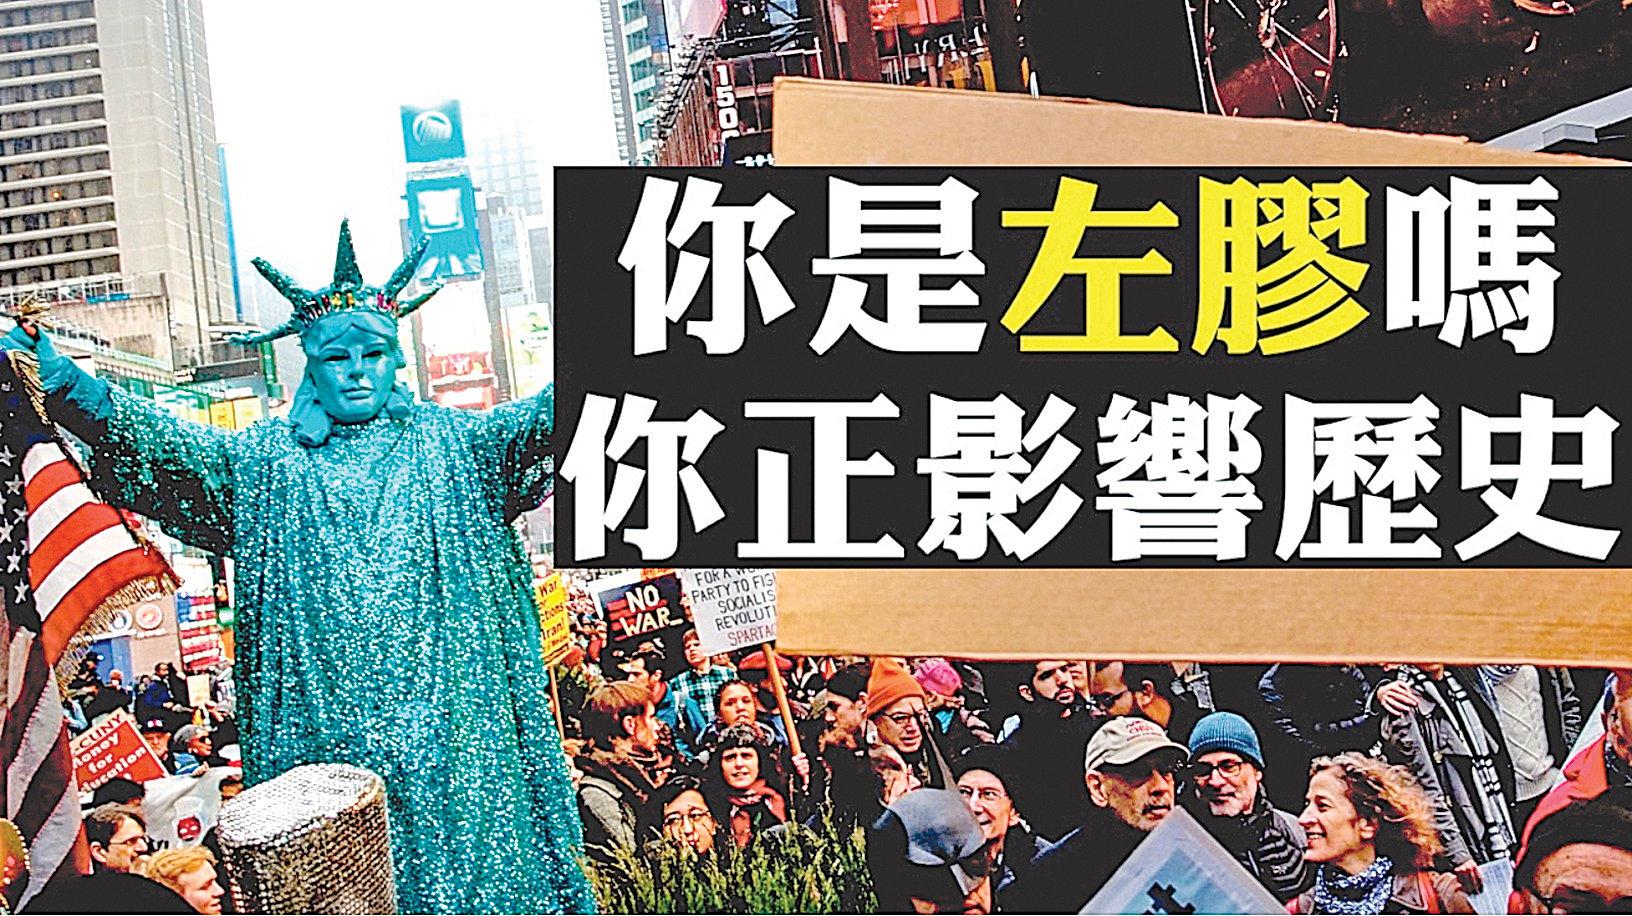 美國伊朗對峙、香港反送中等事件,總有人被稱為「左膠」,左膠具體指甚麼人?分成哪幾種,具體表現又是甚麼?(新唐人合成圖)